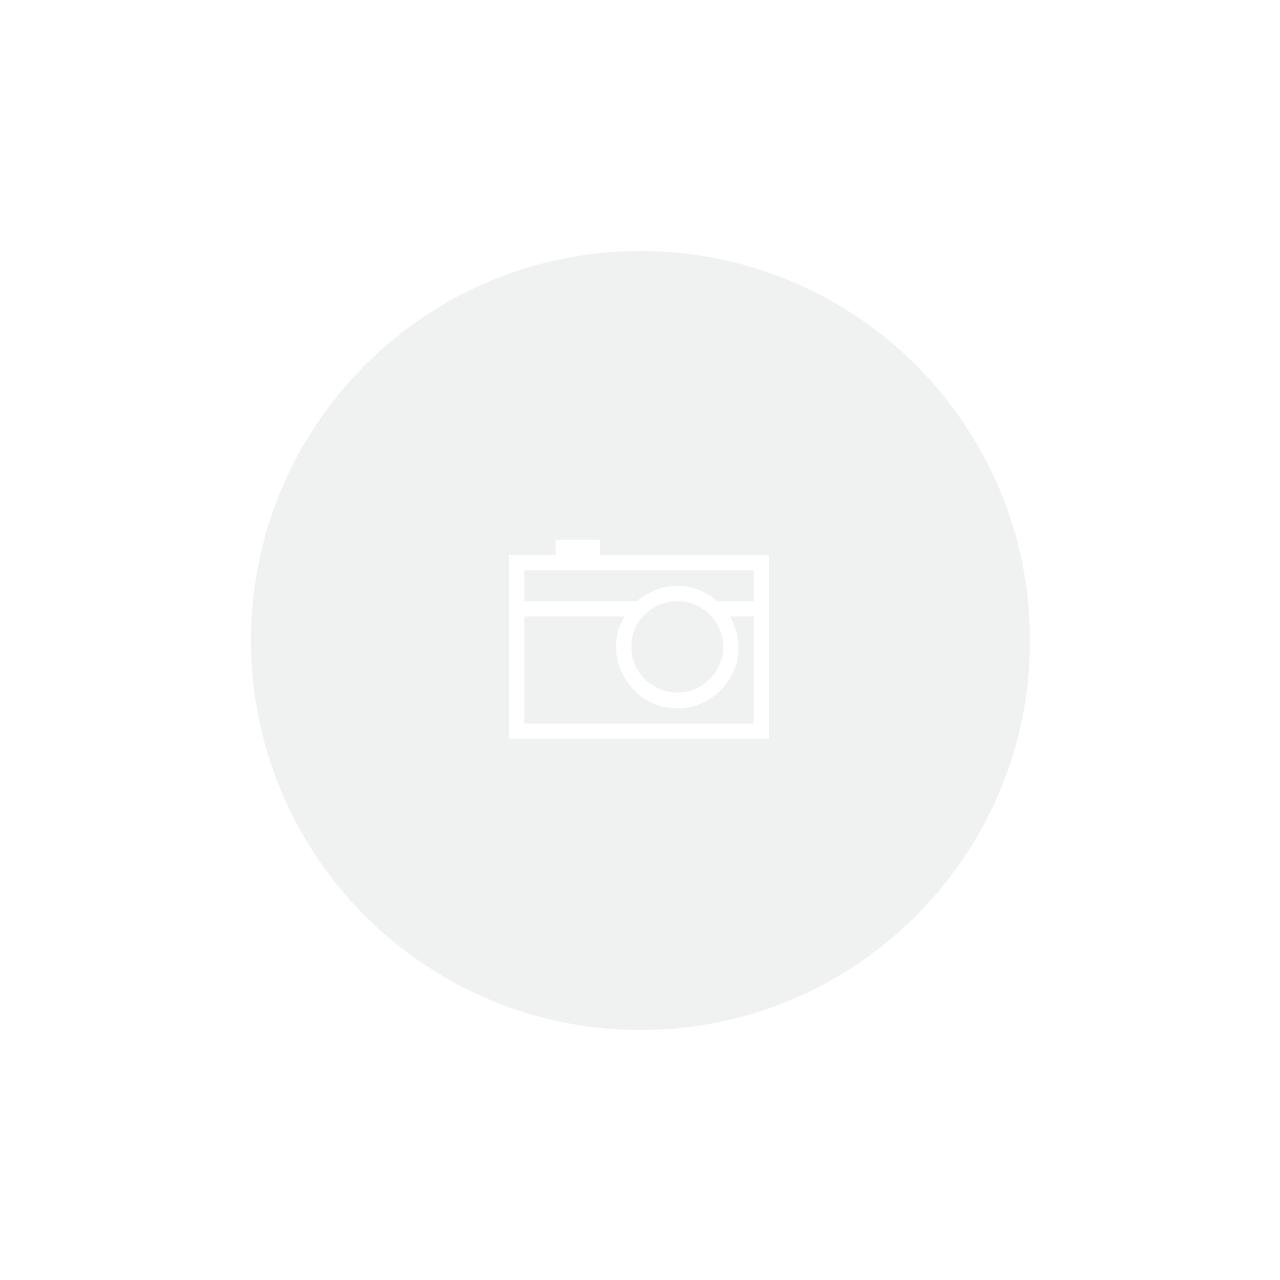 Relé de Estado Sólido 25A - SSR-4825